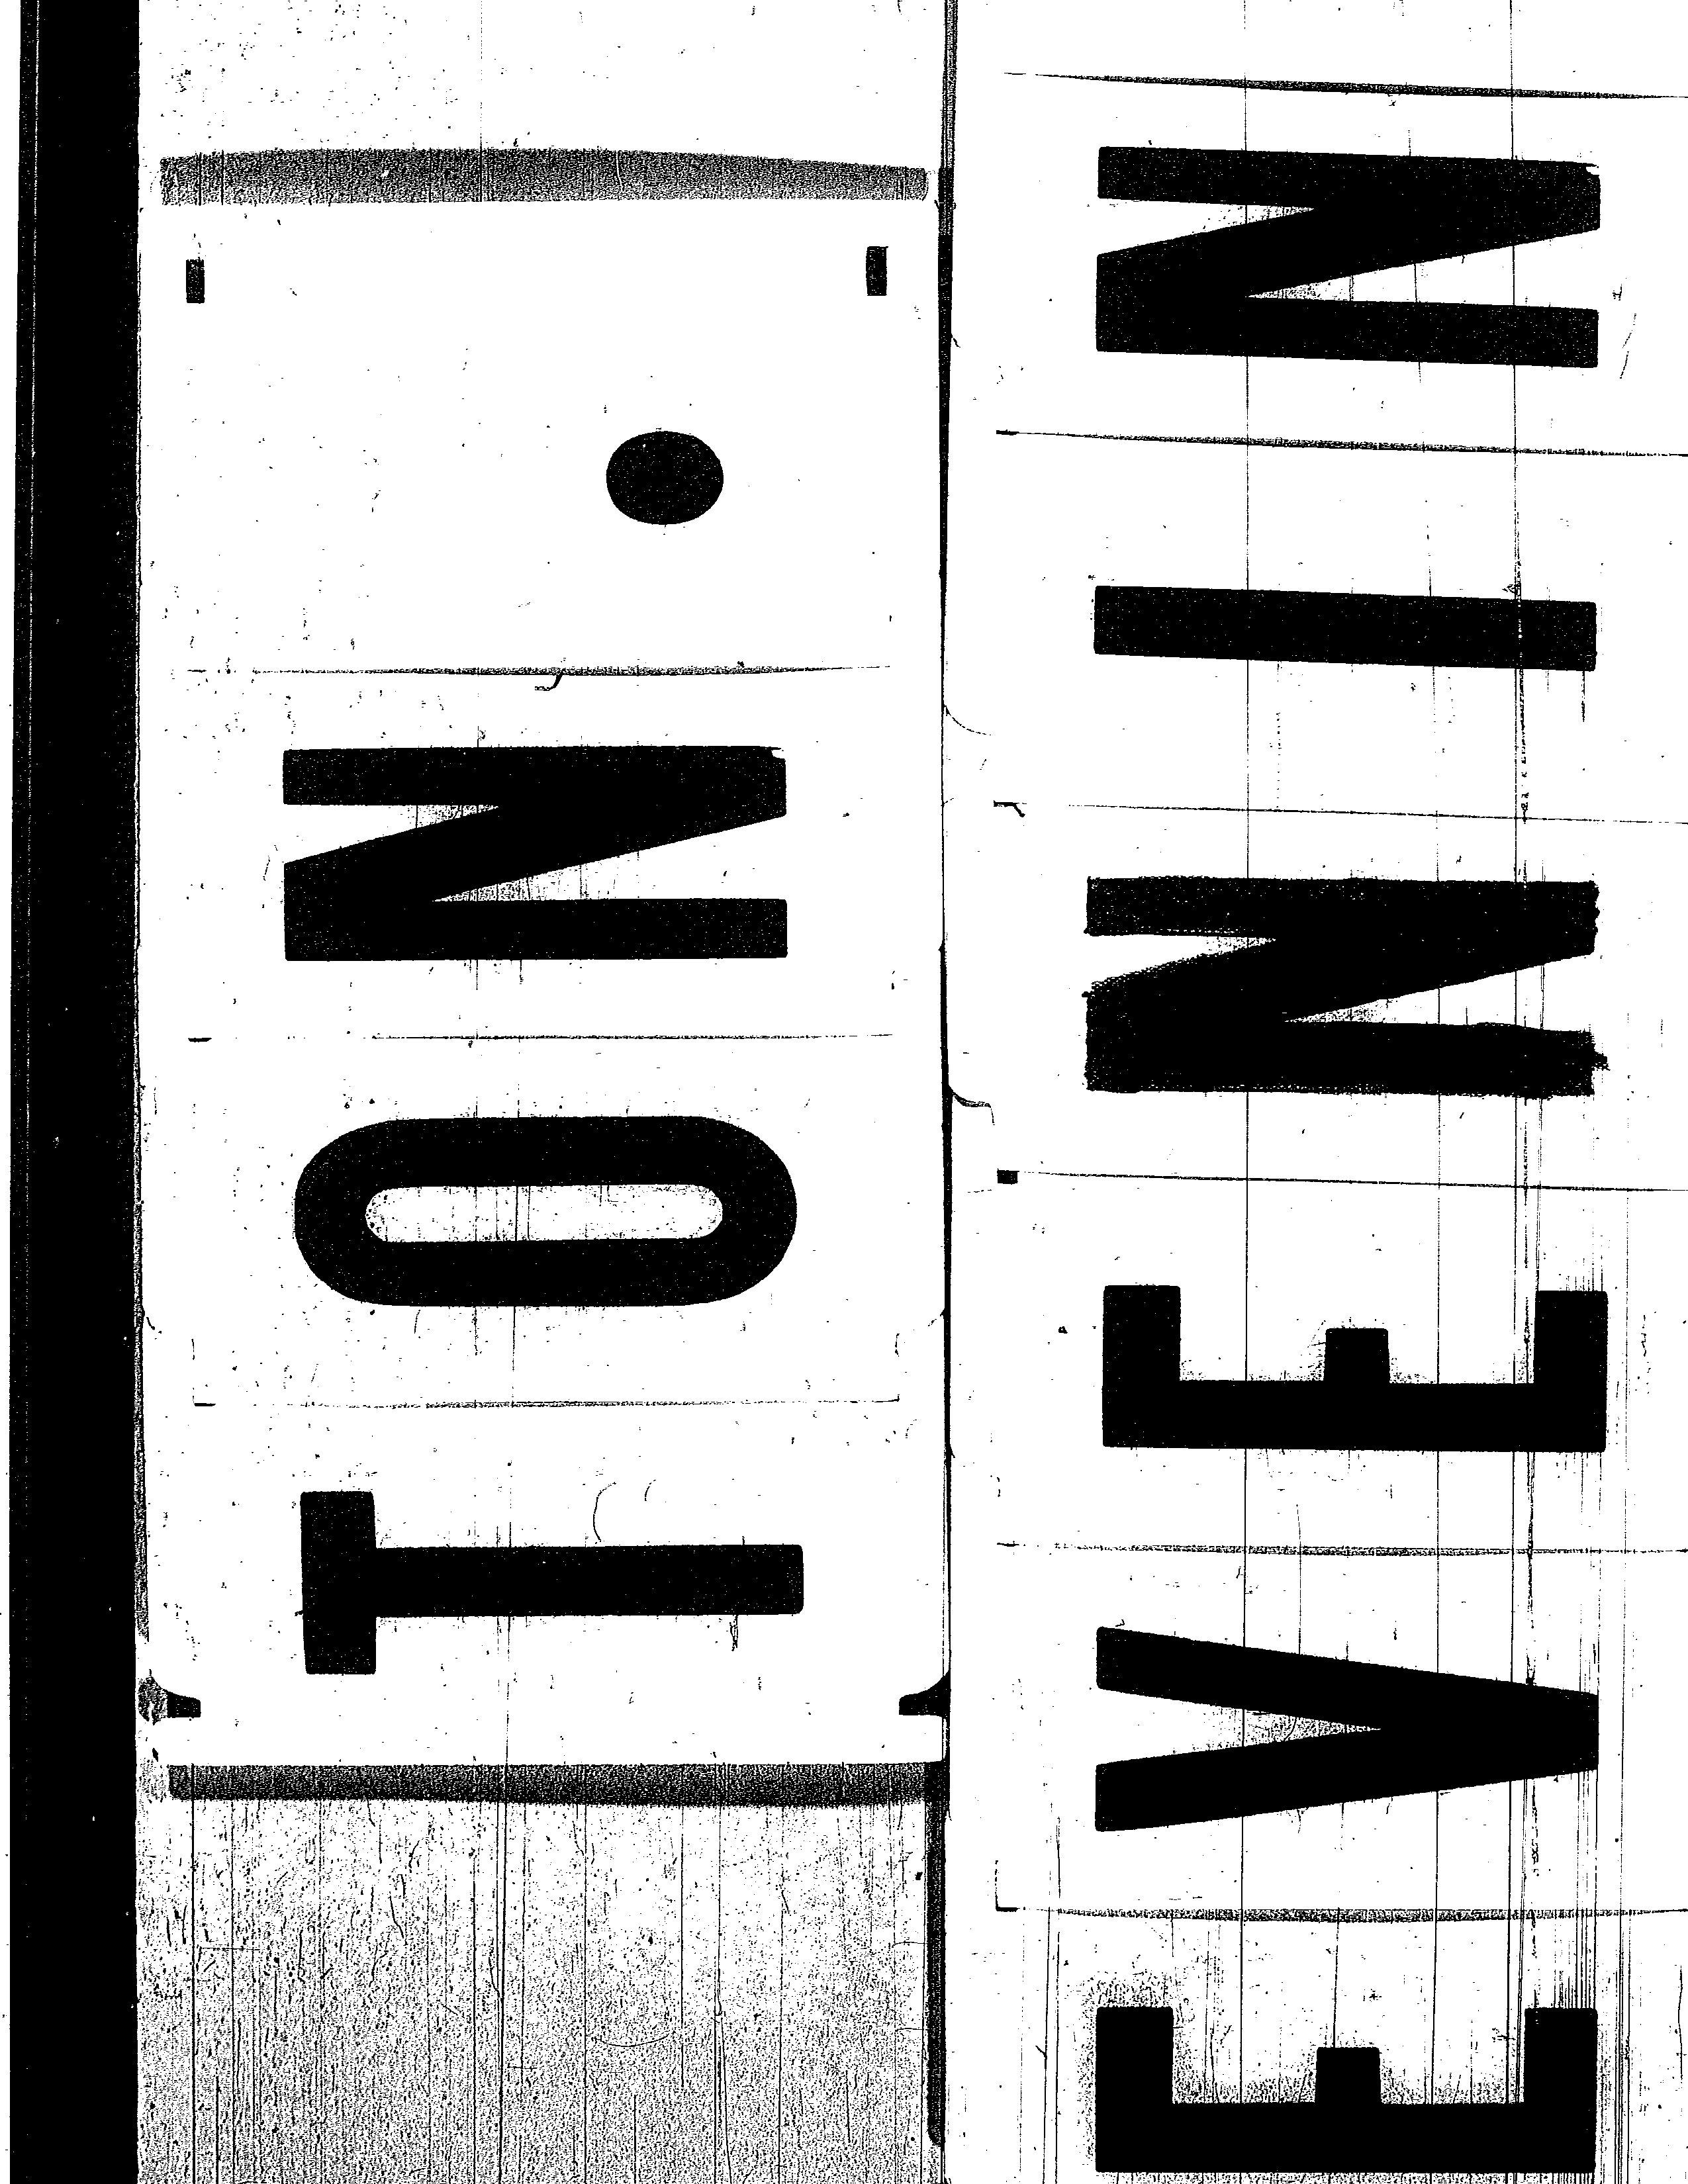 Tonawanda News - Microfilm ID.jpg